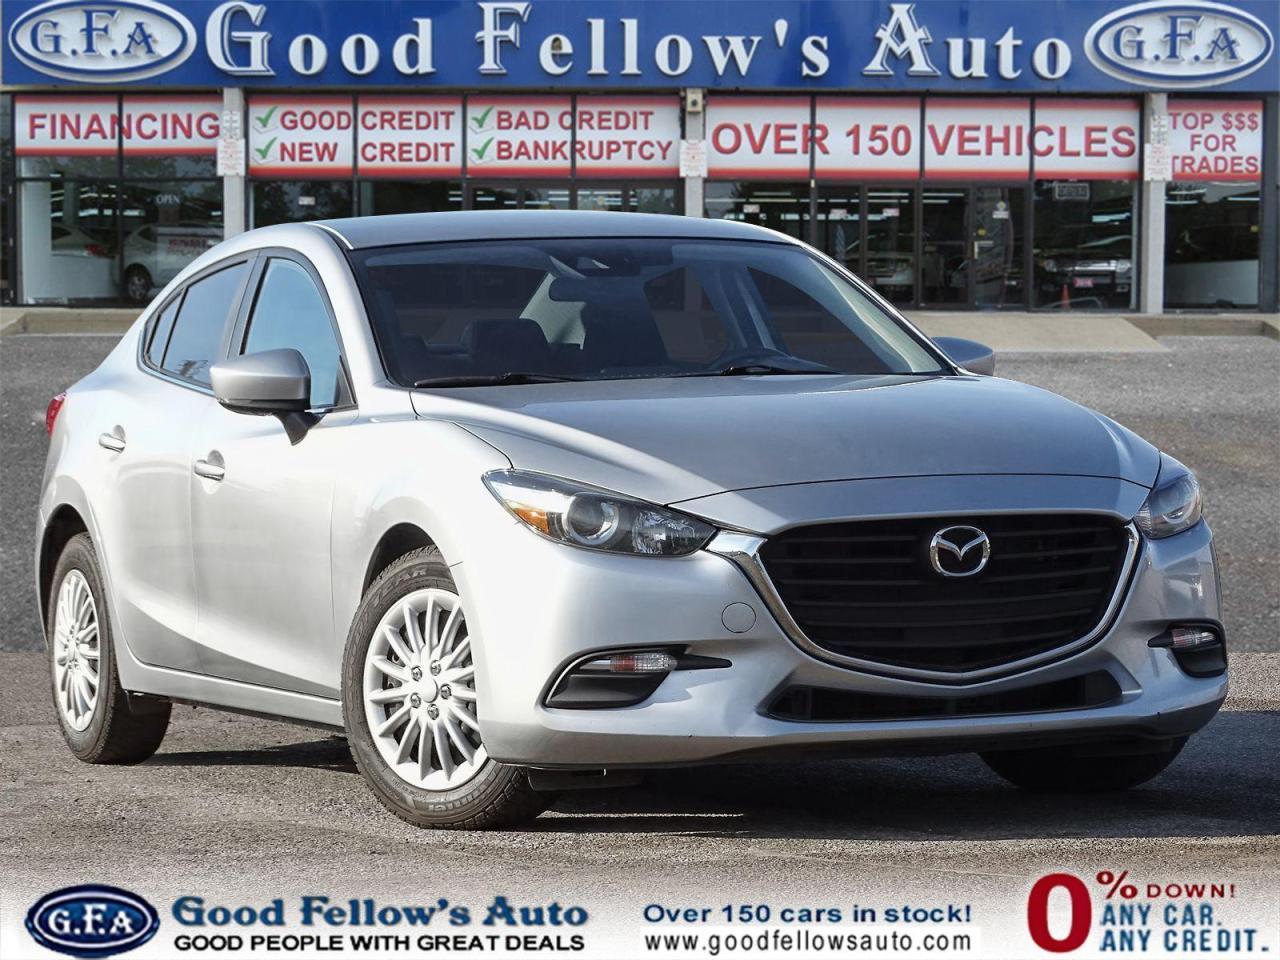 used 2018 Mazda Mazda3 car, priced at $12,400